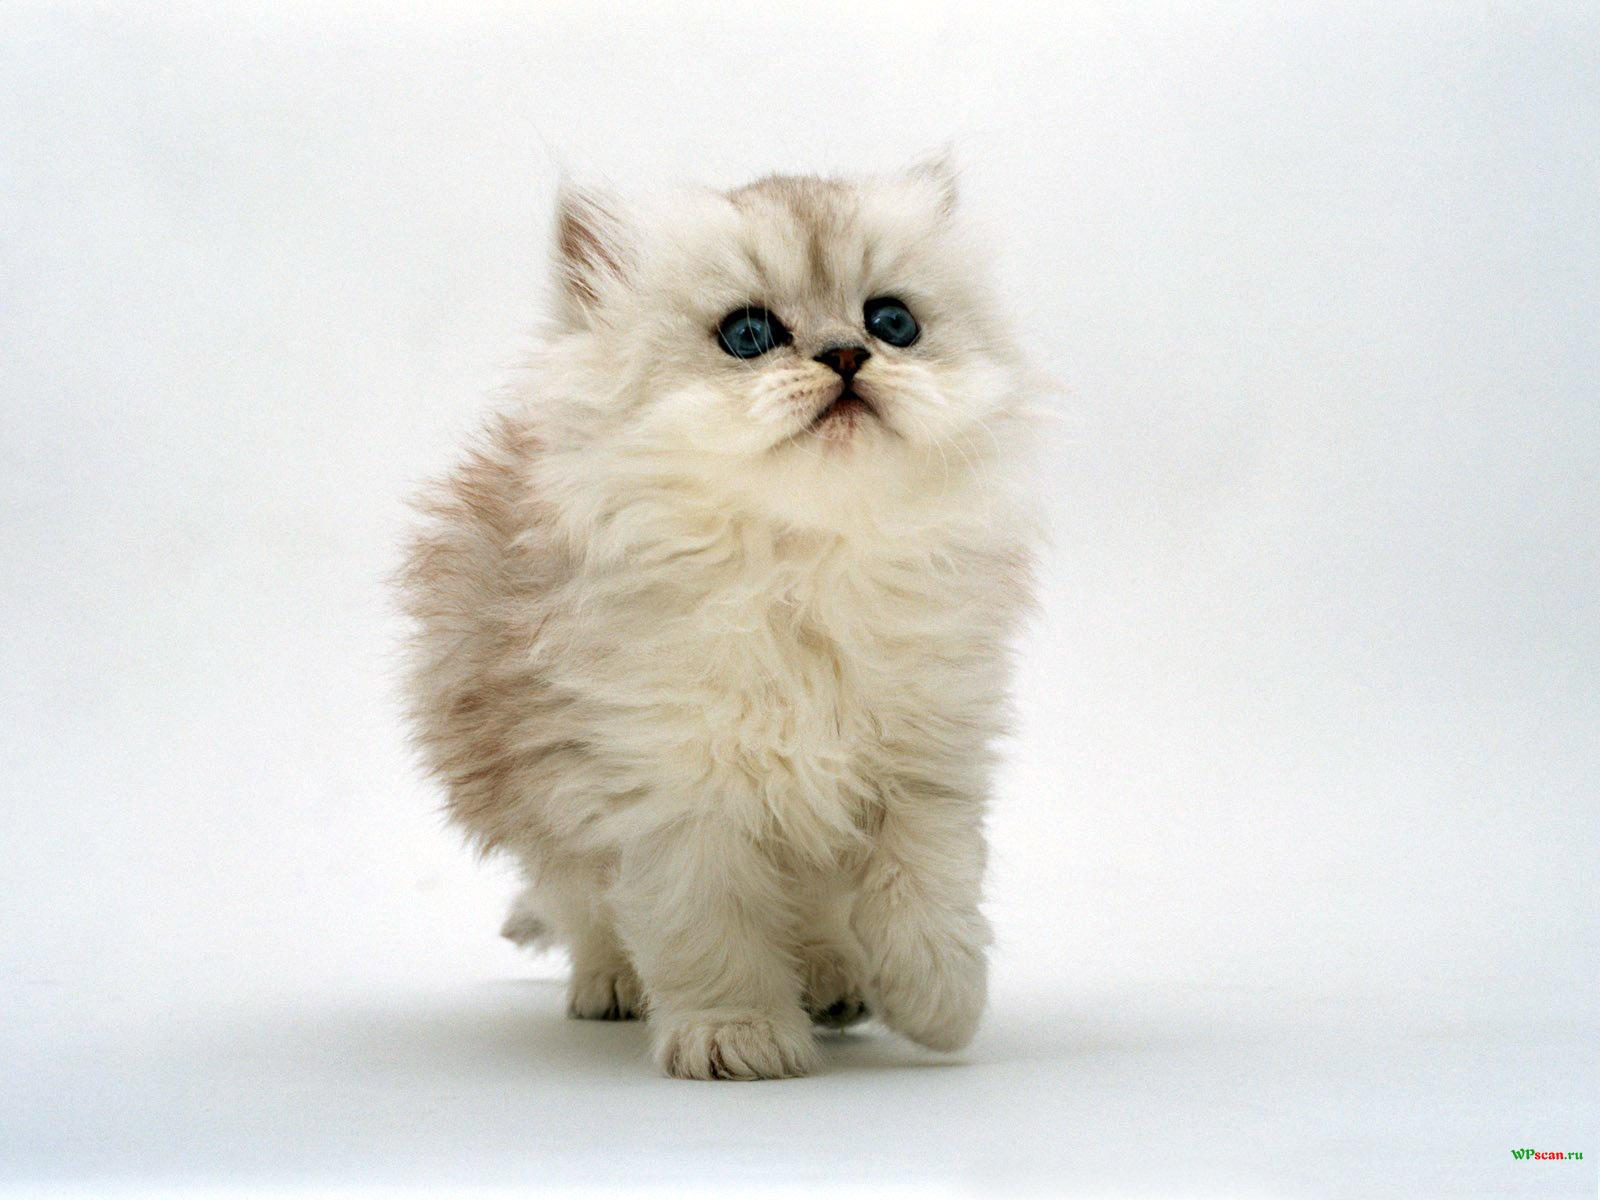 Пушистый комочек, животные, котята, кошки, лучшее, серое 1024х768